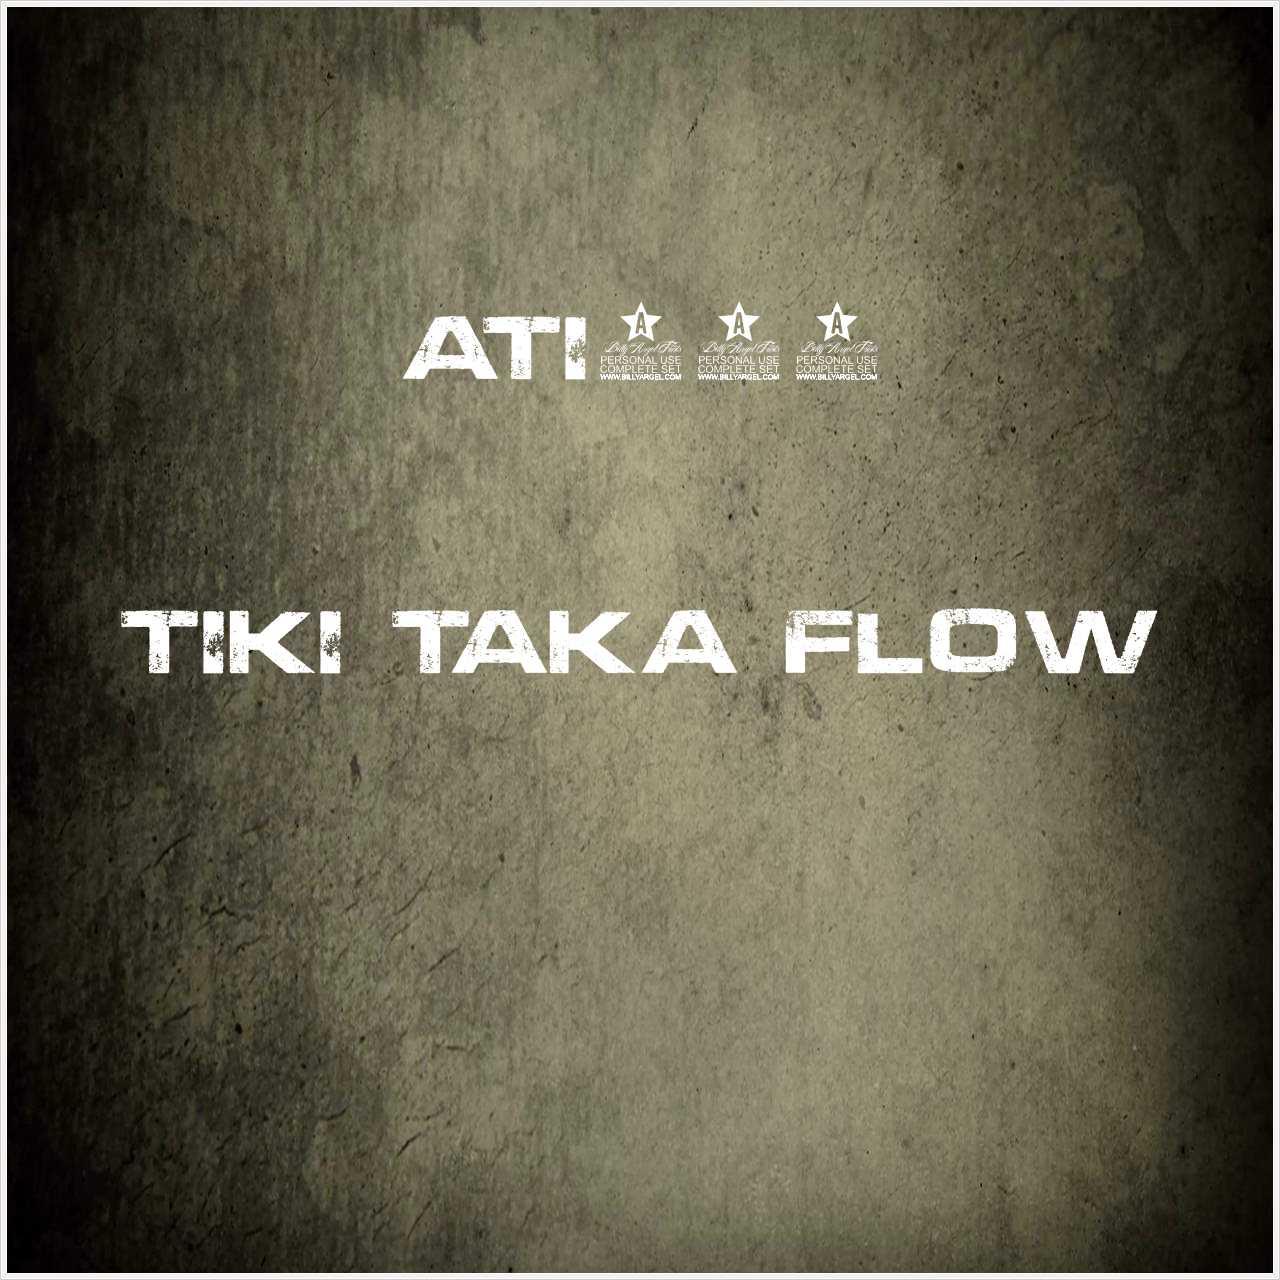 دانلود آهنگ جدید Ati242 به نام Tiki Taka Flow